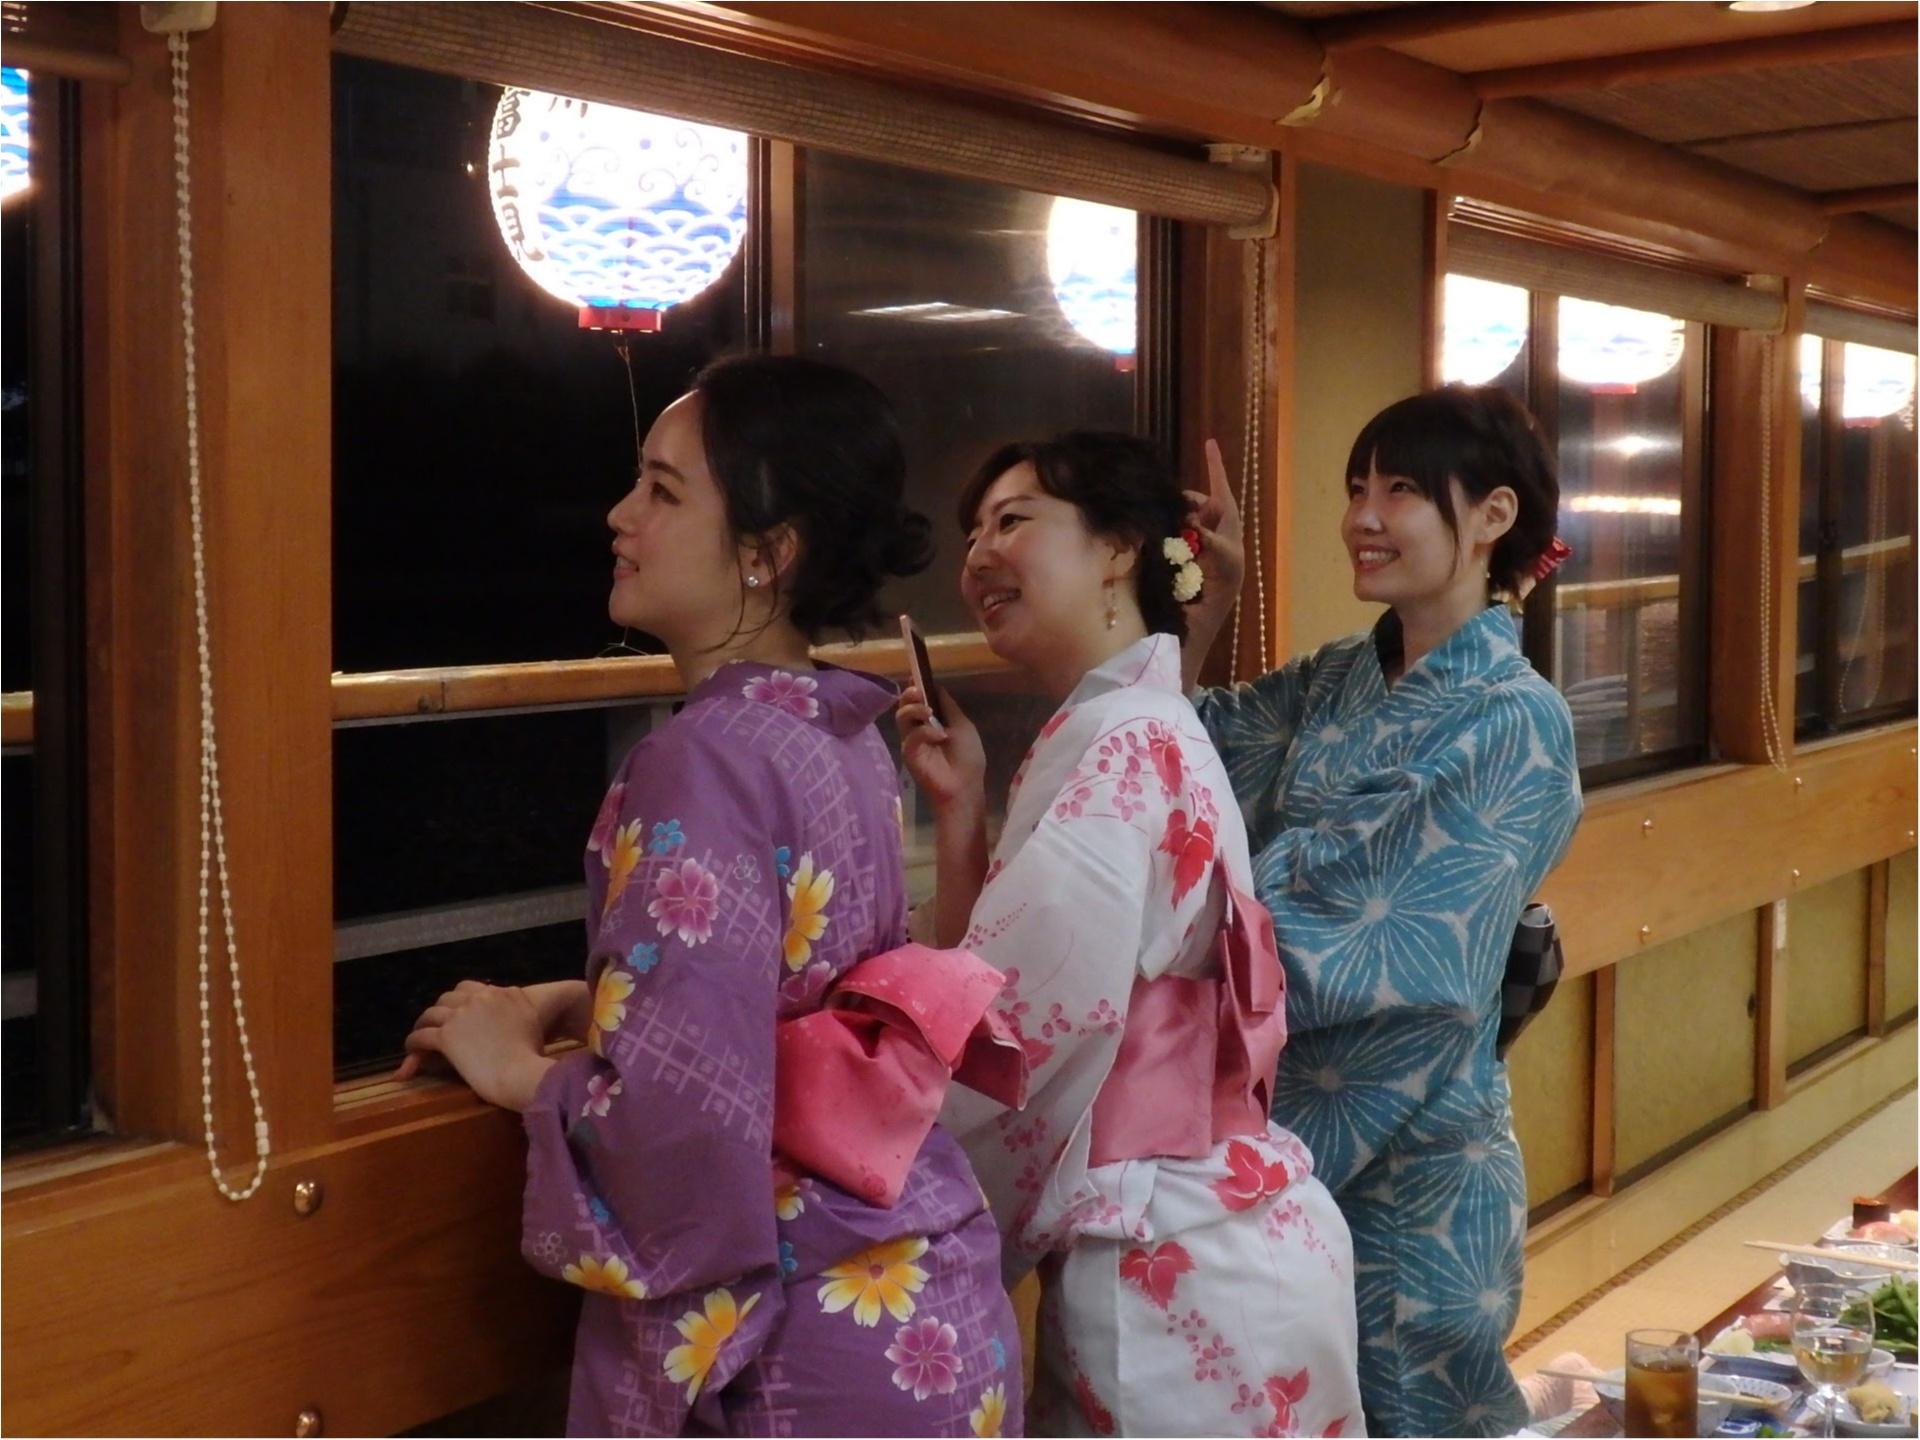 ゆかた屋形船女子会♡MORE8月号掲載『トレンドプレゼン大会』裏側レポ♡_12